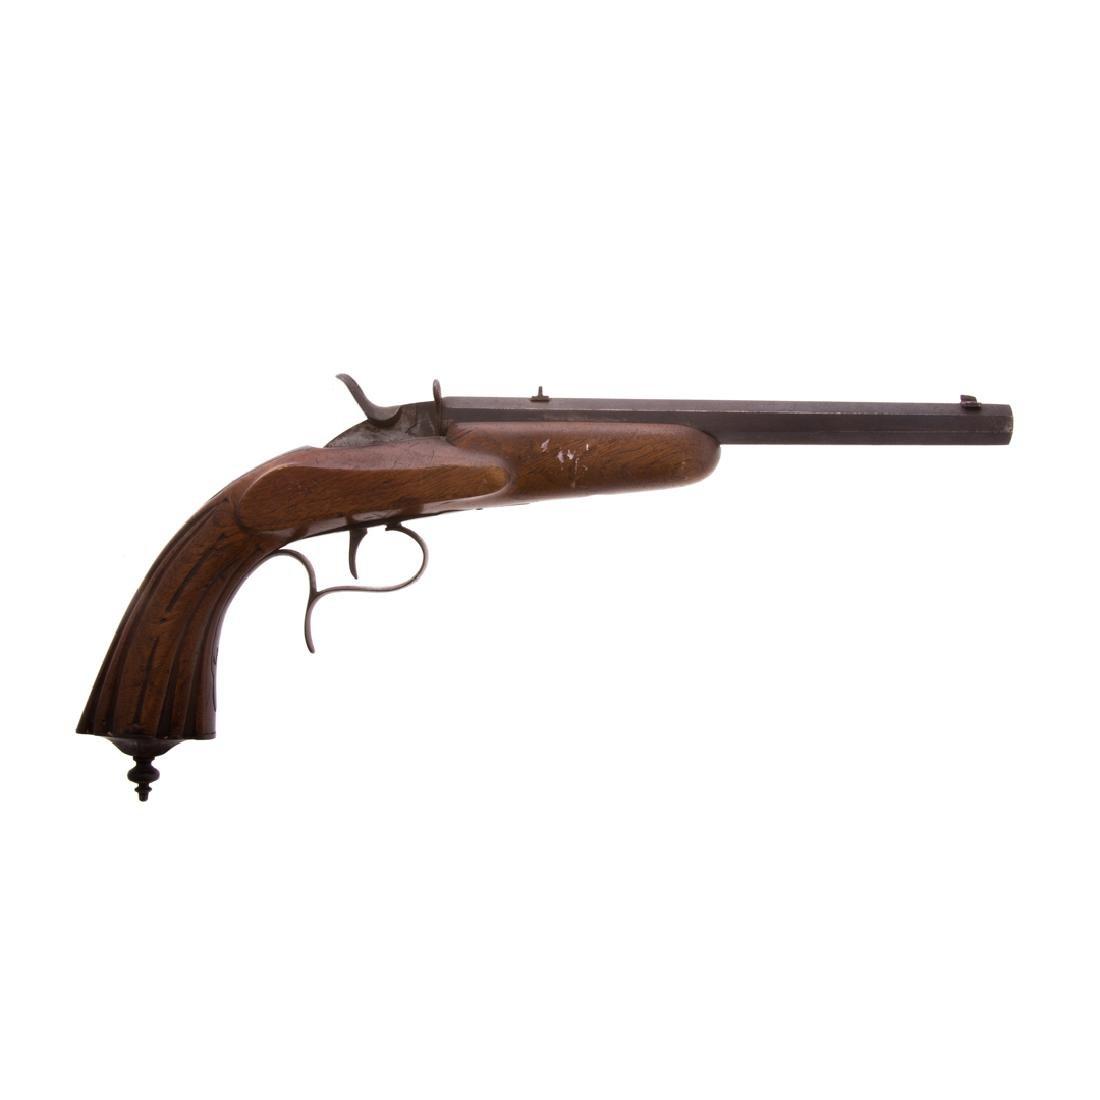 Single barrel percussion pistol